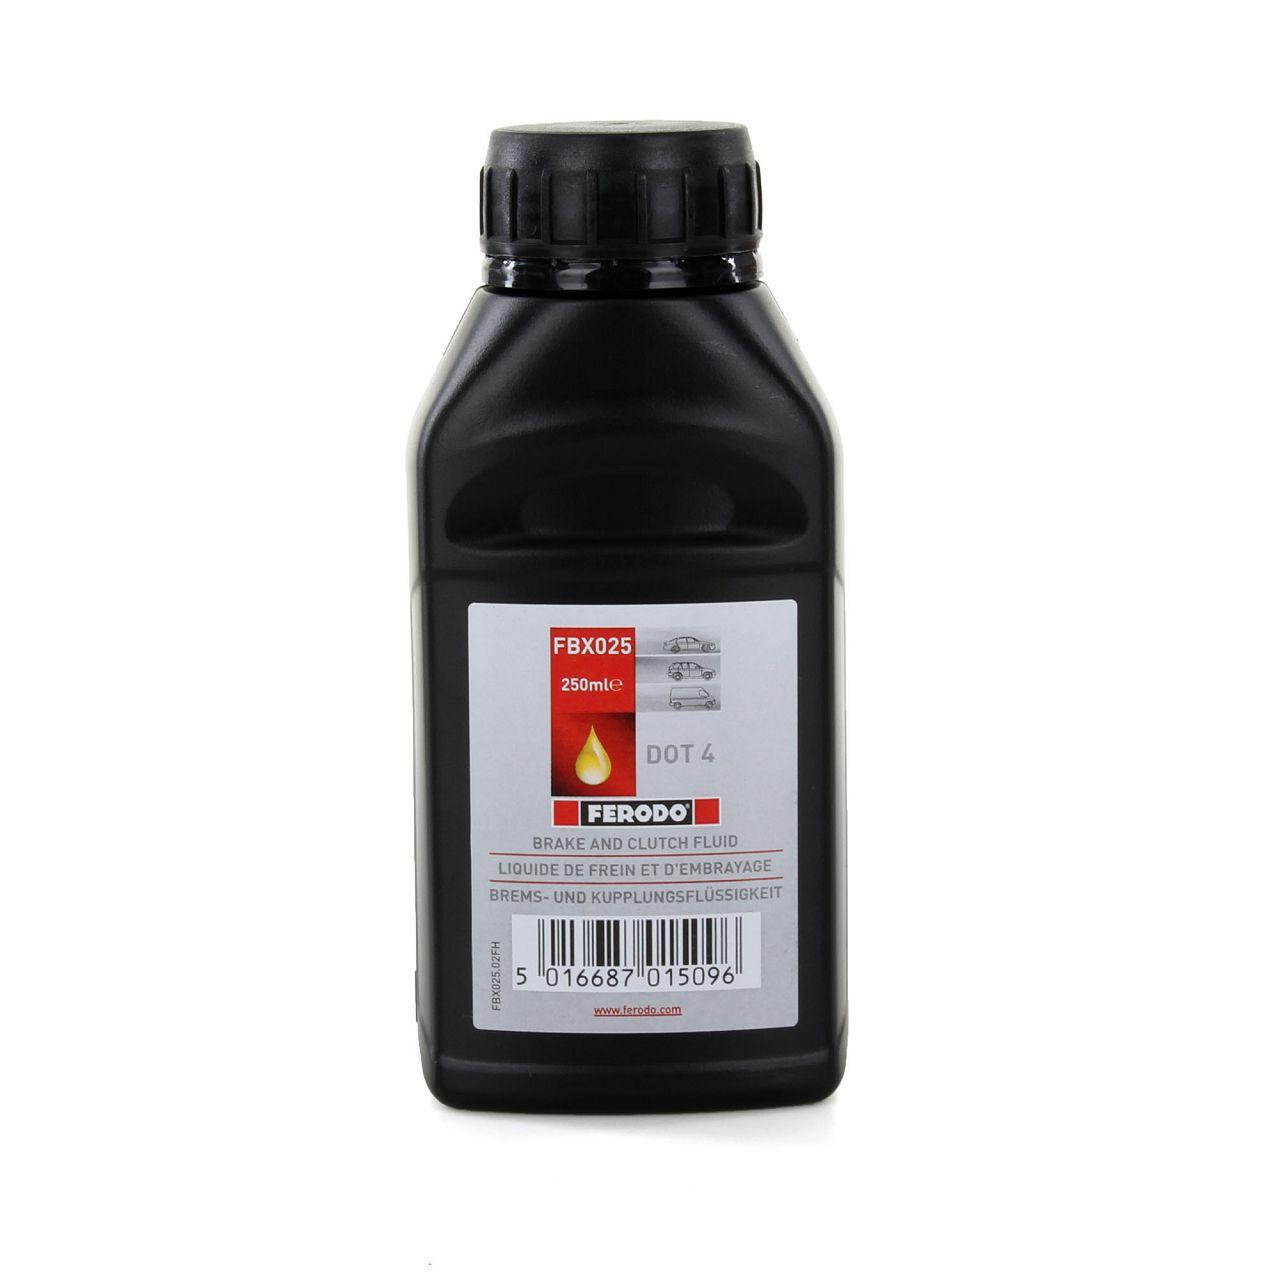 FERODO FBX025 Bremsflüssigkeit Kupplungsflüssigkeit DOT 4 / 250ML